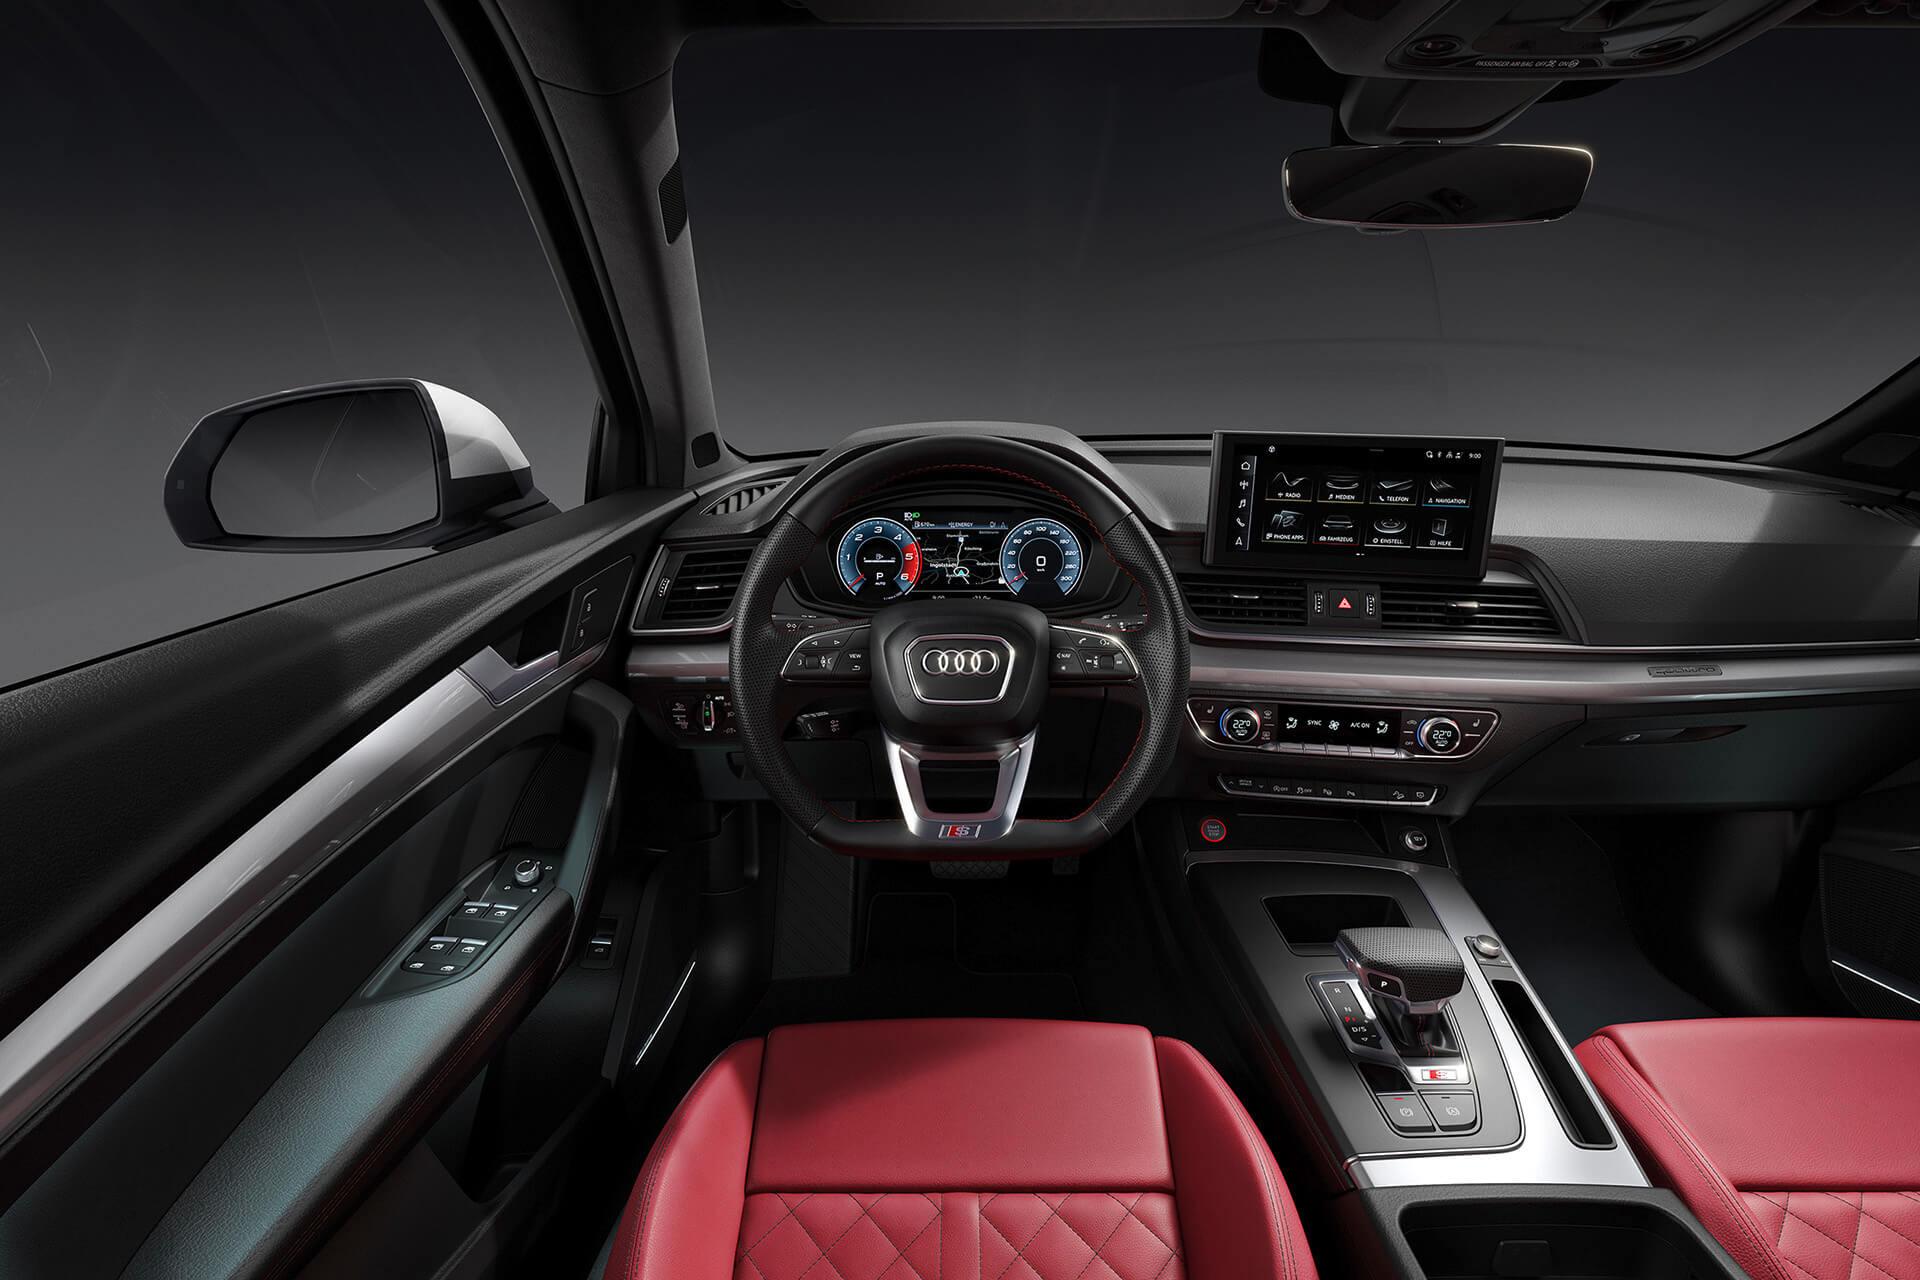 Νέο AUDI SQ5 TDI - Εσωτερικό, οθόνη αφής MMI με διαγώνιο 10,1 ιντσών, σύστημα infotainment